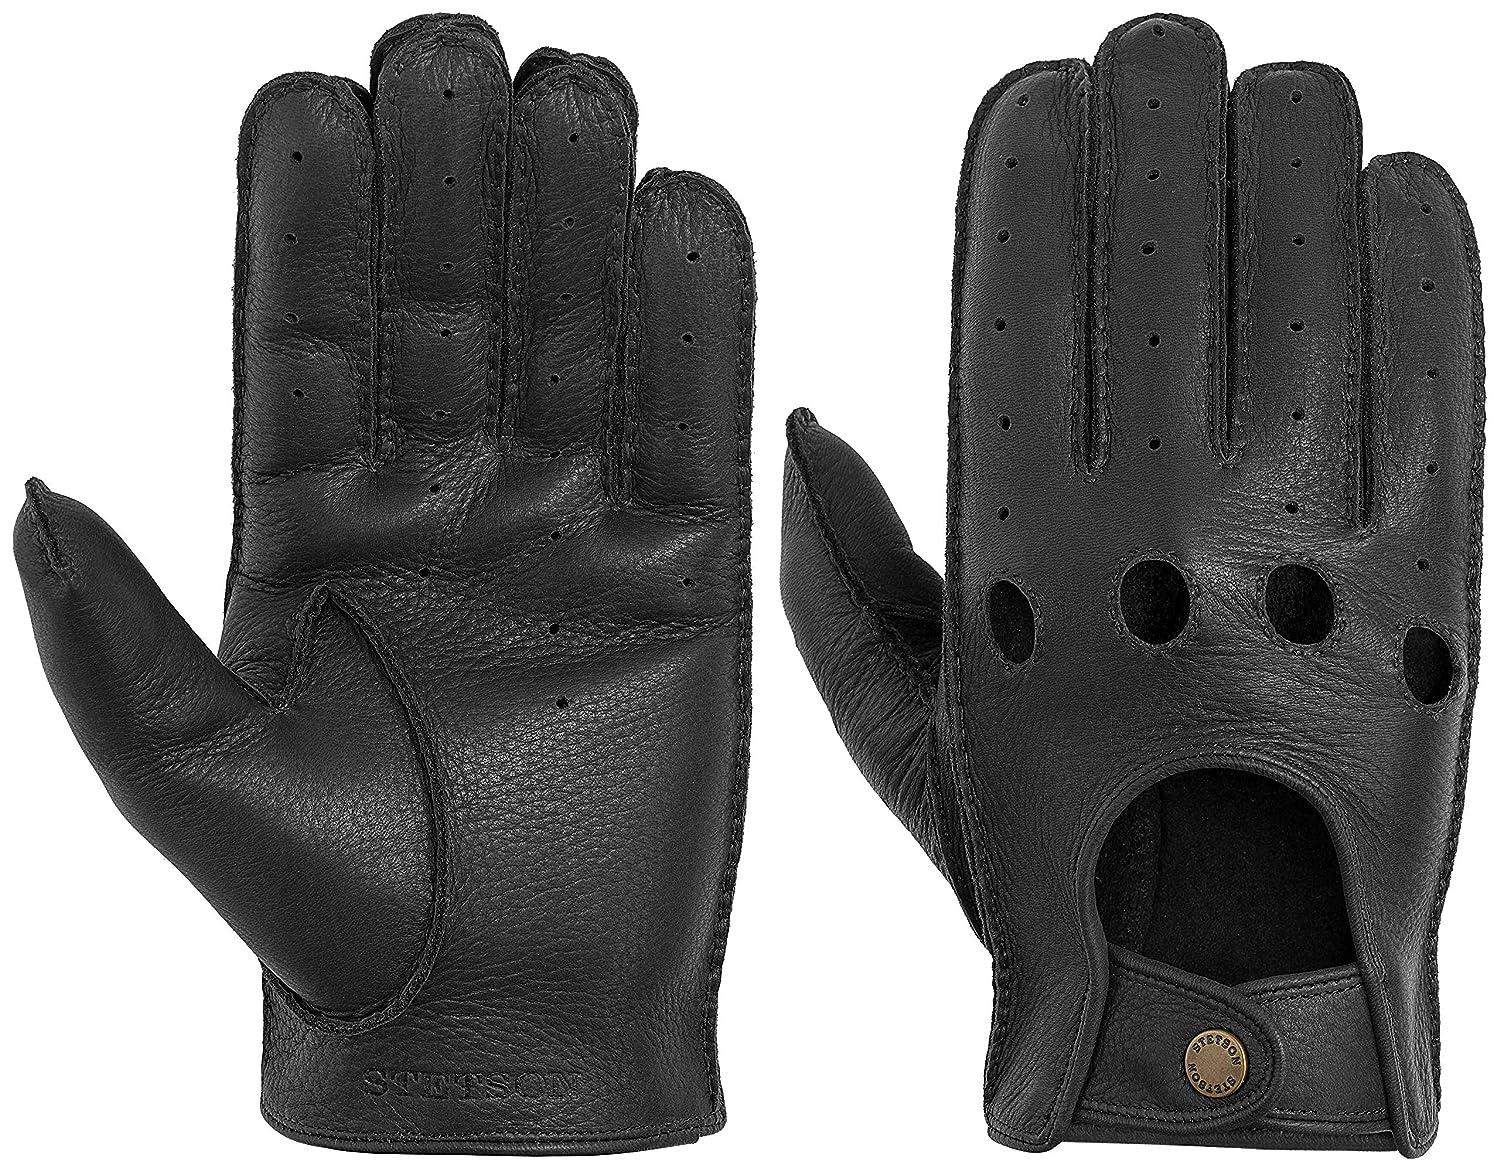 STETSON Lederhandschuhe mit Schurwolle Handschuhe Winterhandschuhe